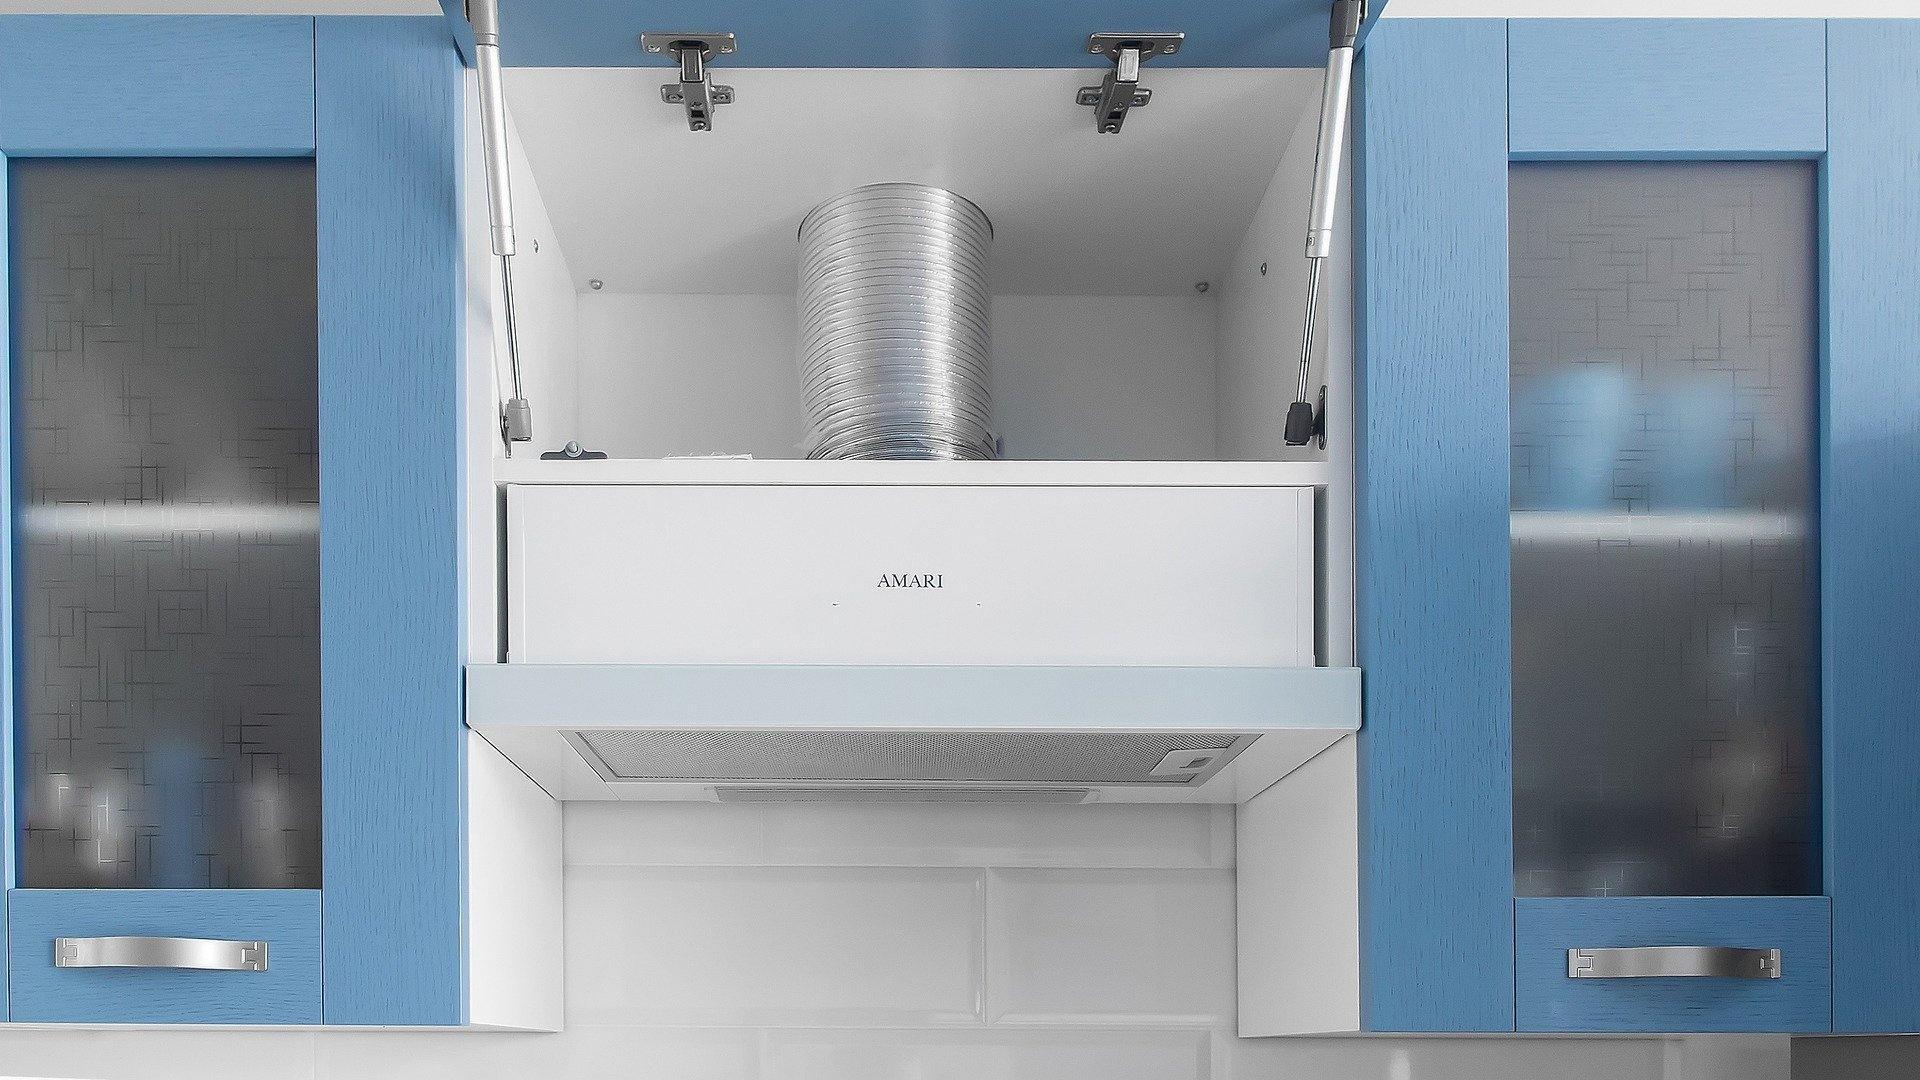 Fettfilter der Dunstabzugshaube reinigen - am besten in der Spülmaschine